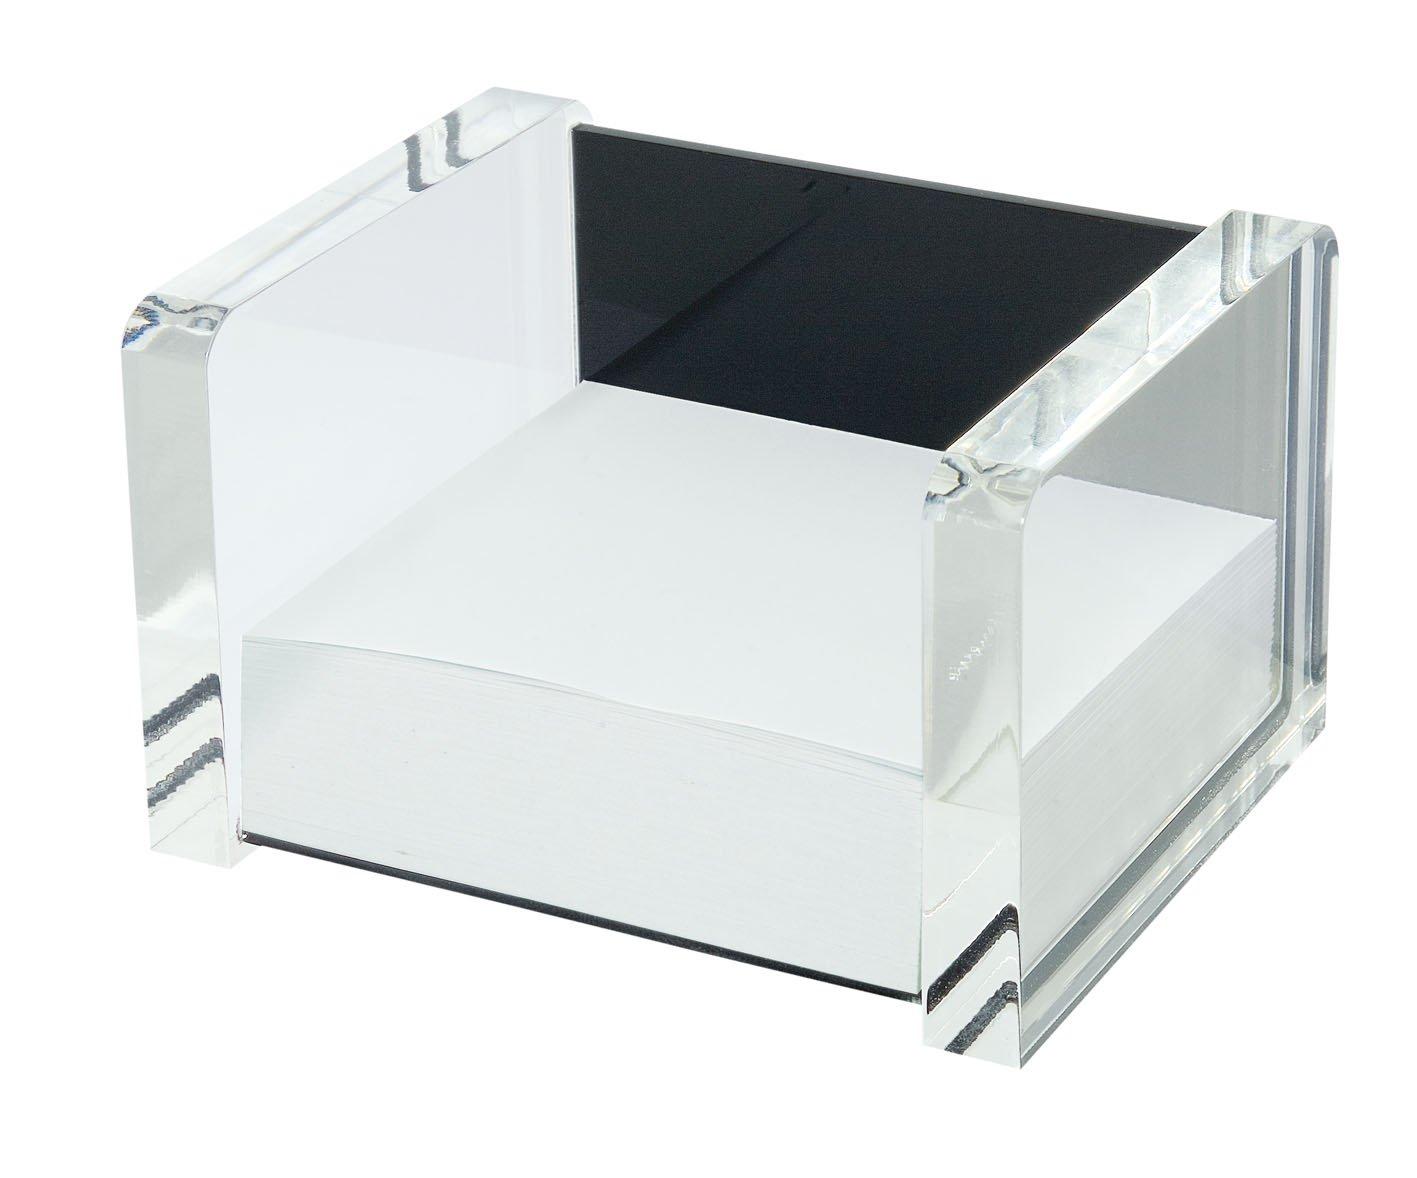 Wedo 0607001 Exclusive Box Foglietti in Acrilico Riempito, Trasparente/Nero